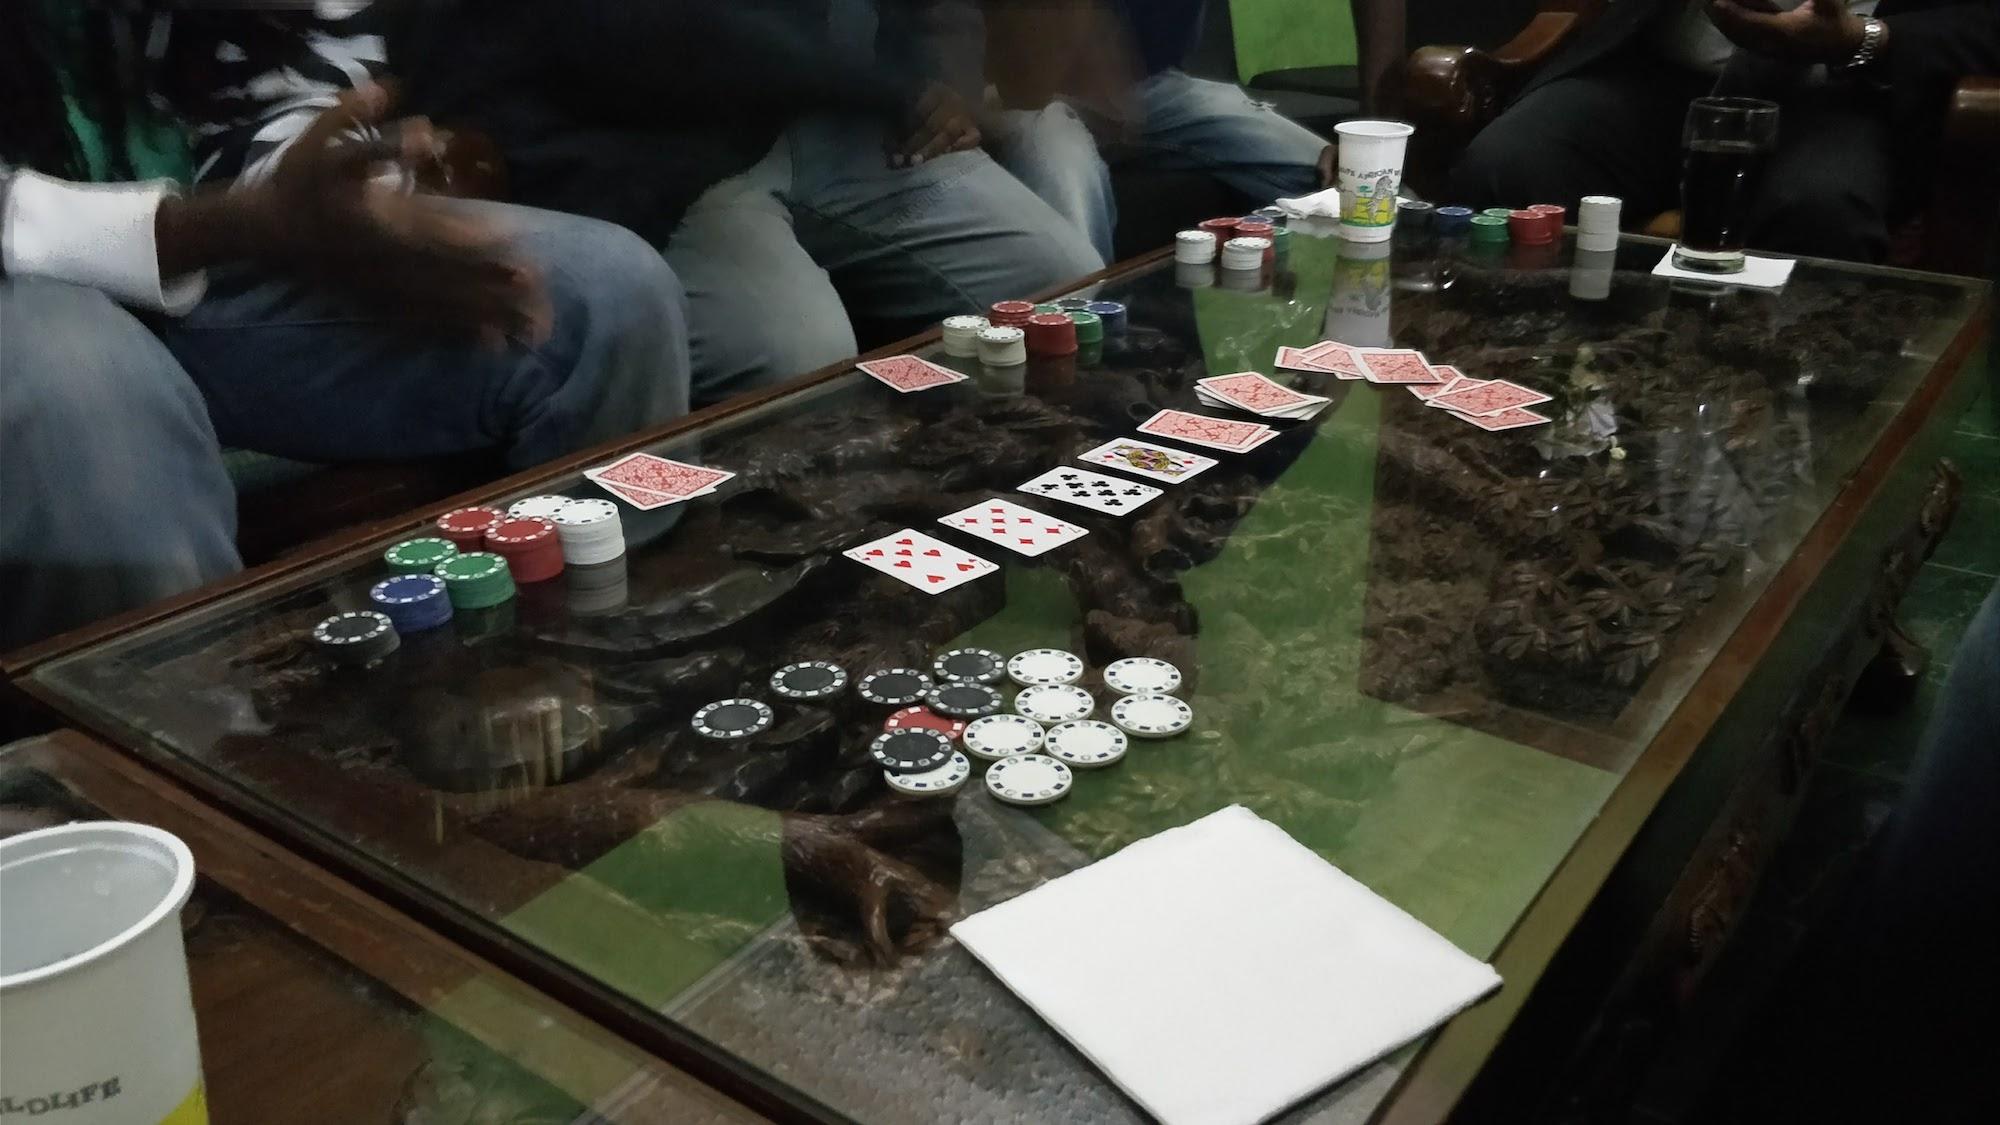 Légende : Pour l'instant, le poker ne peut se jouer qu'entre amis